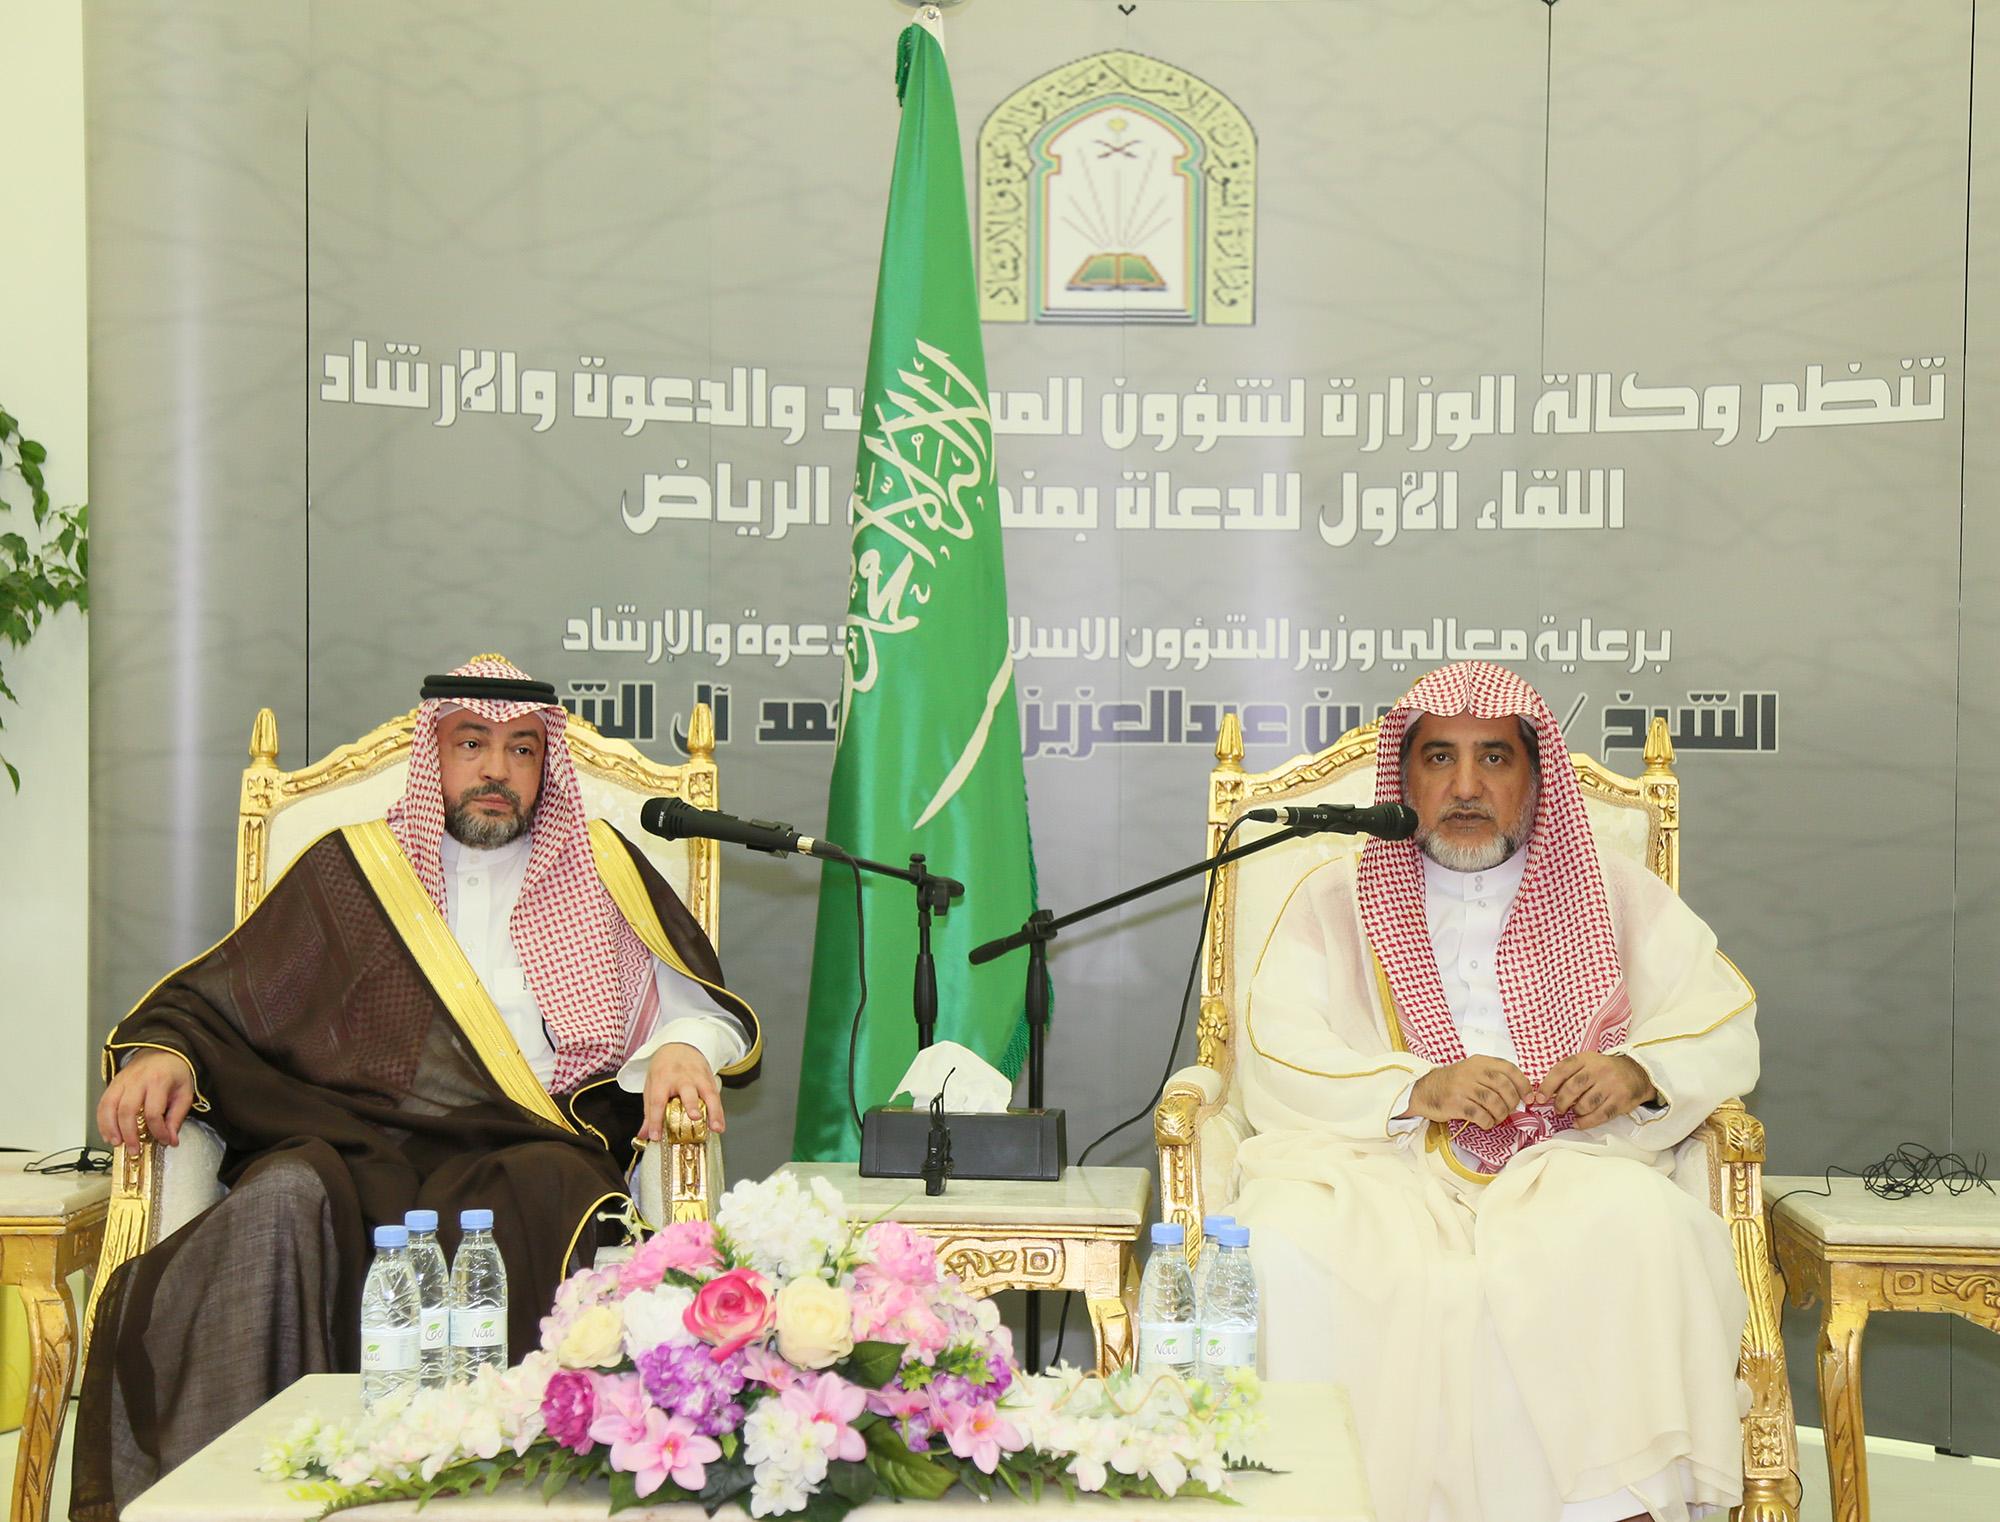 صور لقاء وزير الشؤون الإسلامية بالدعاة 1